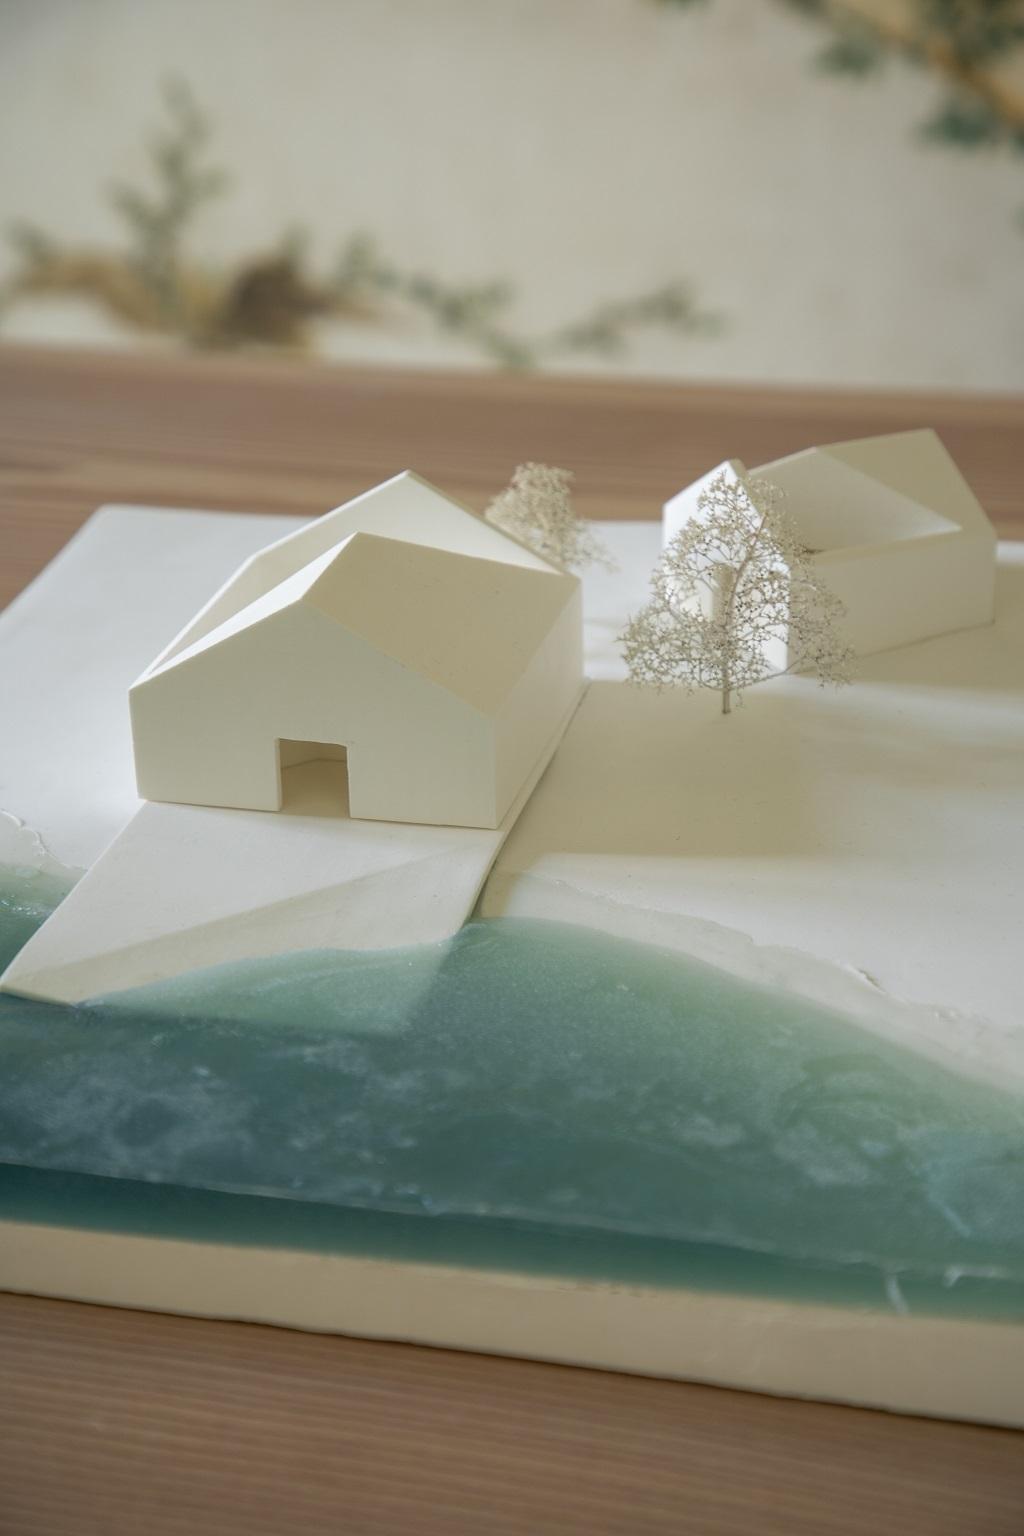 Una de las maquetas que se pueden ver en su estudio.